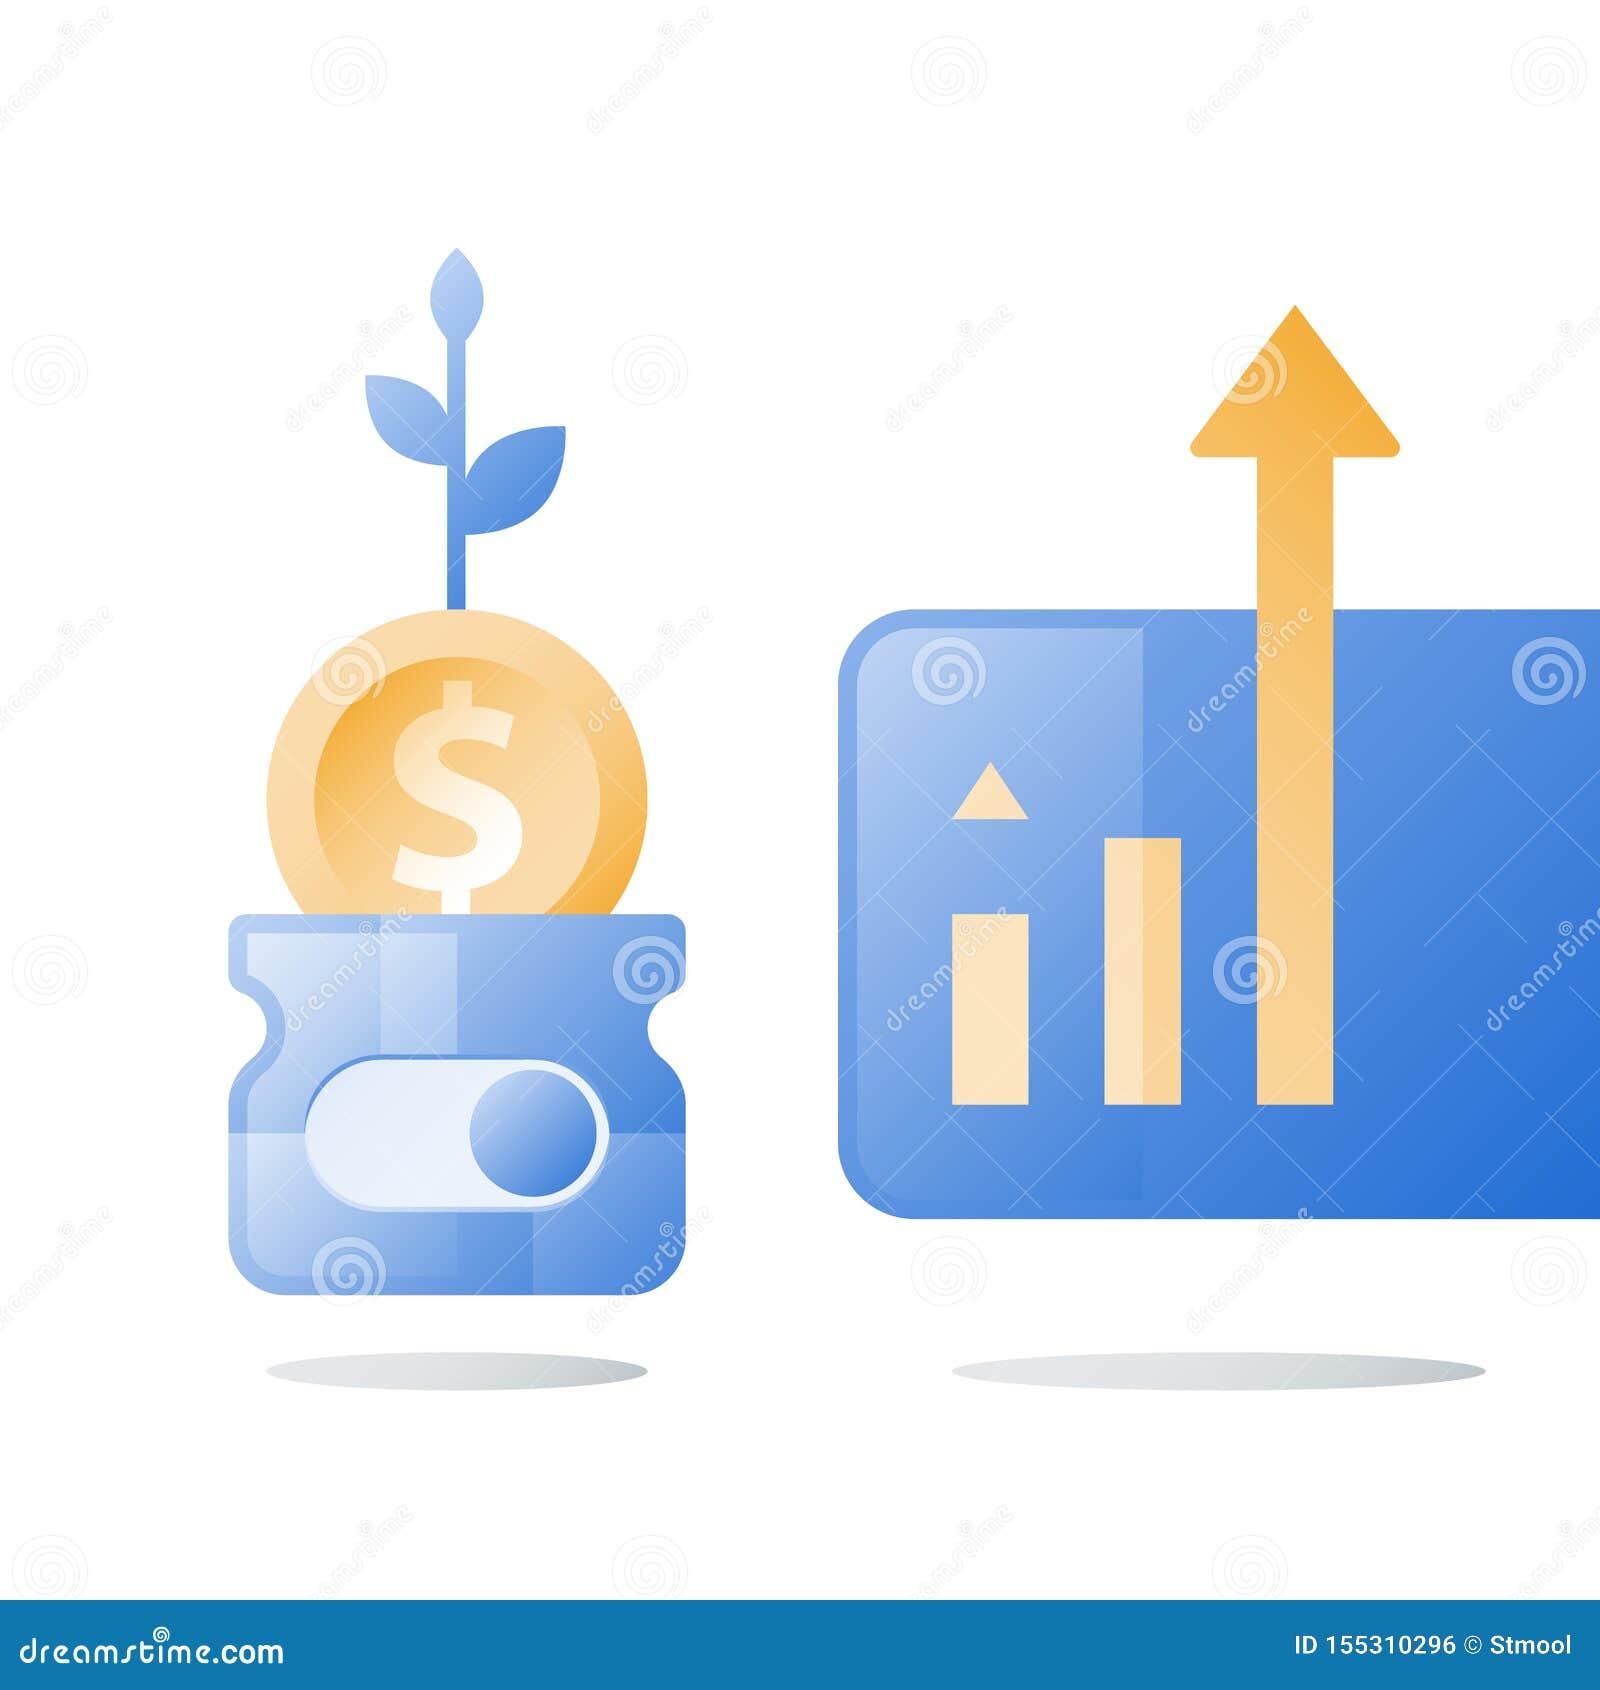 投资基金,财政解答,提供金钱,现金贷款,资本成长,收支增量,财富管理